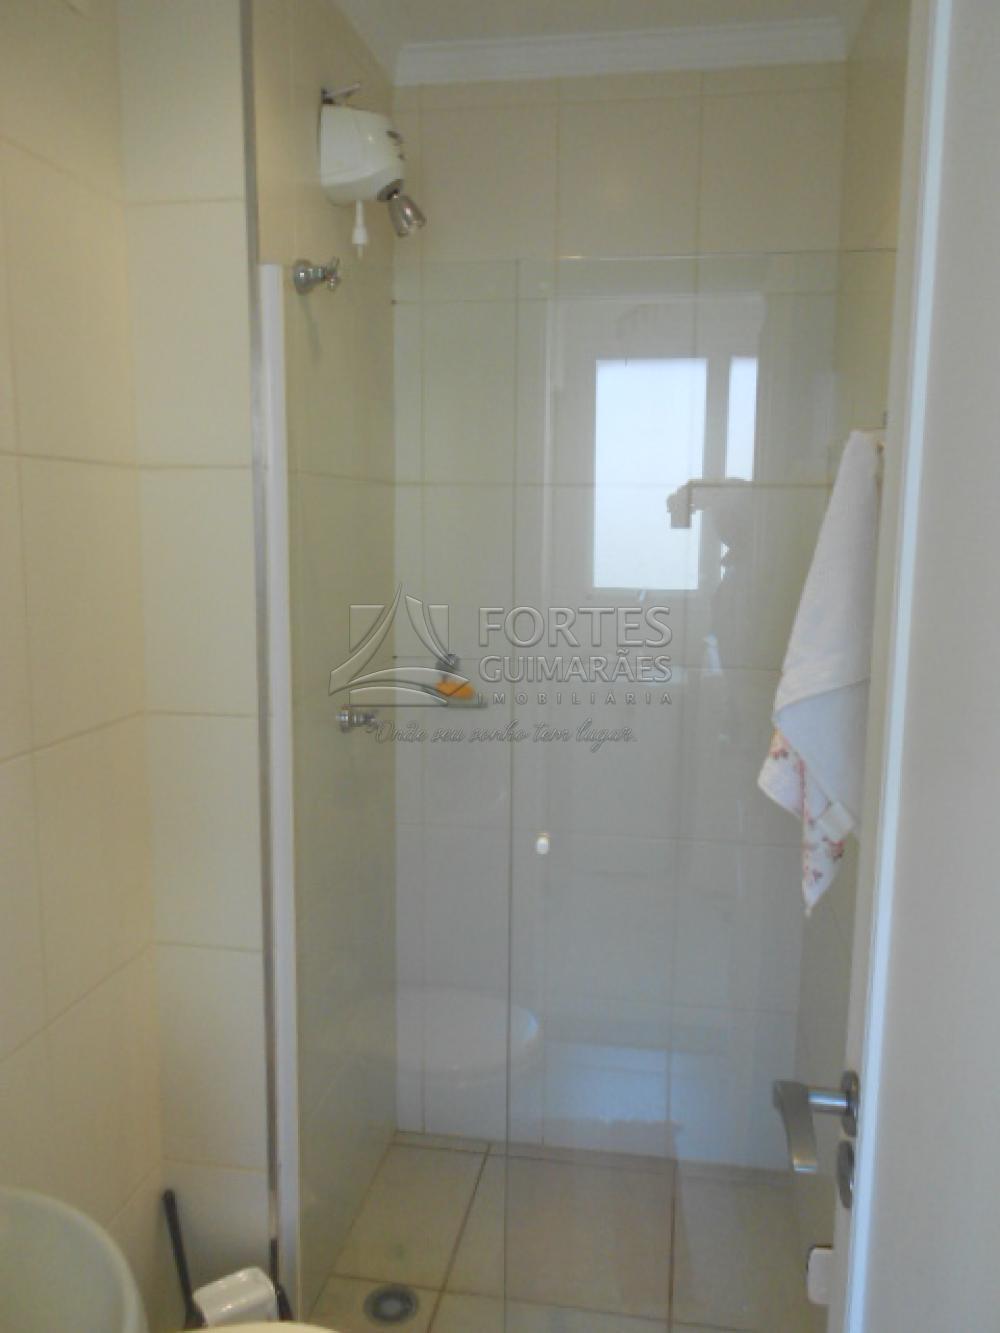 Alugar Apartamentos / Padrão em Ribeirão Preto apenas R$ 5.000,00 - Foto 65